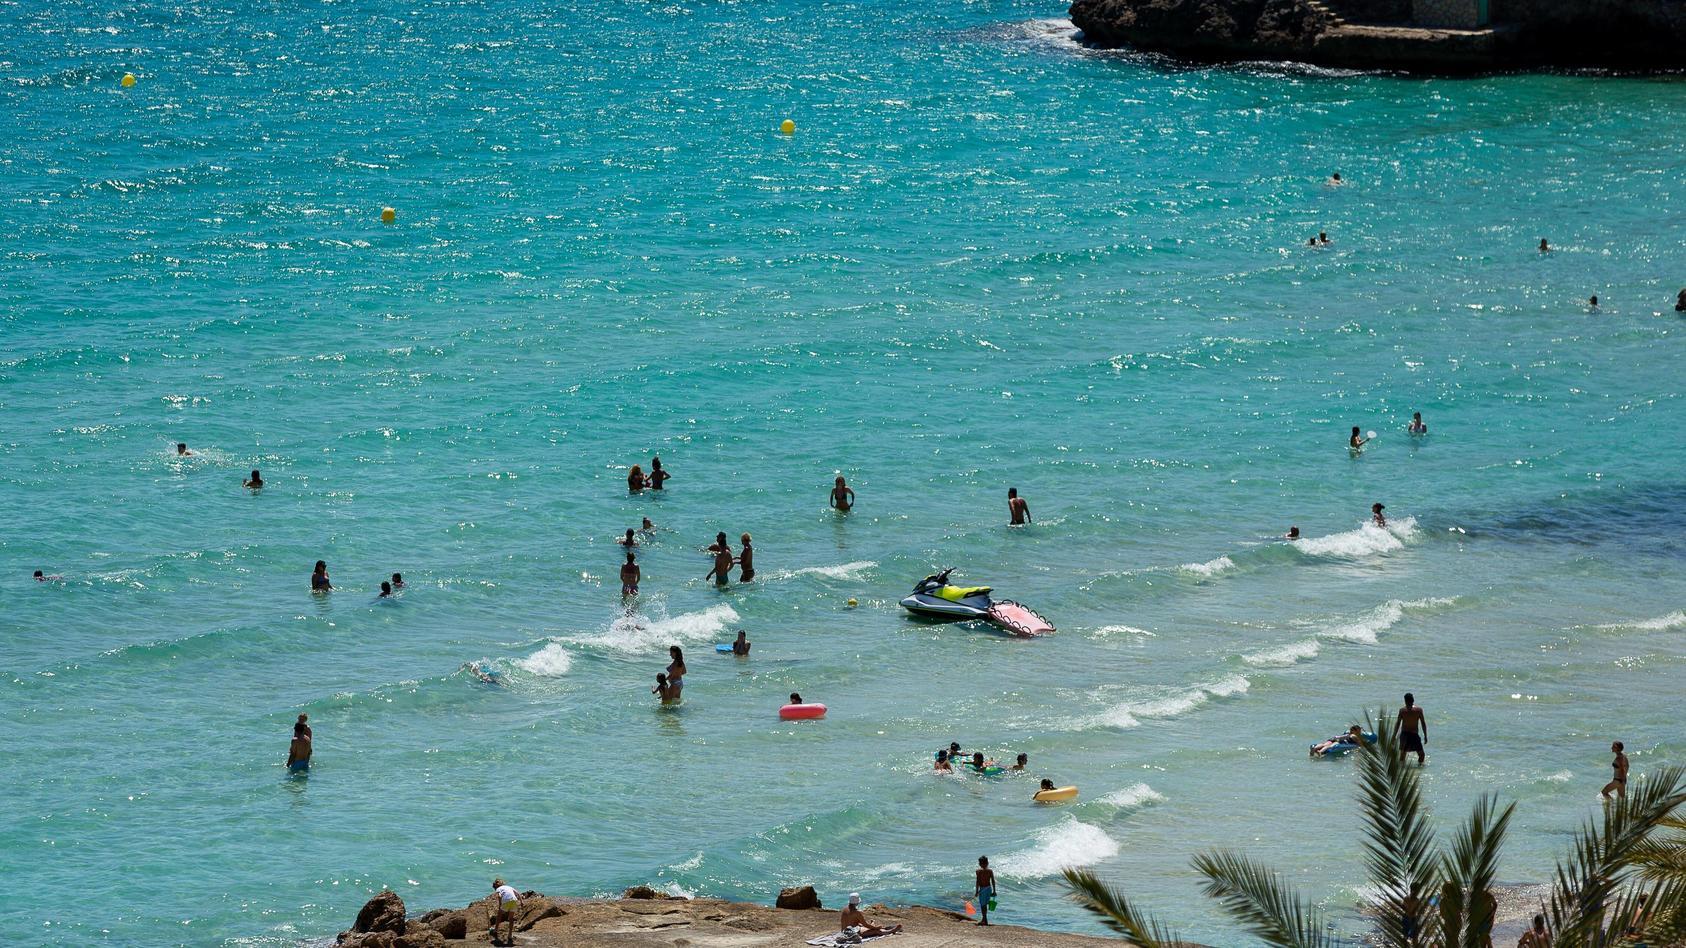 Mallorca GER, Themenfoto, Urlaub auf Mallorca, Tourismus in Zeiten der Corona-Pandemie, Sommerurlaub, 21.06.2020 GER, Th